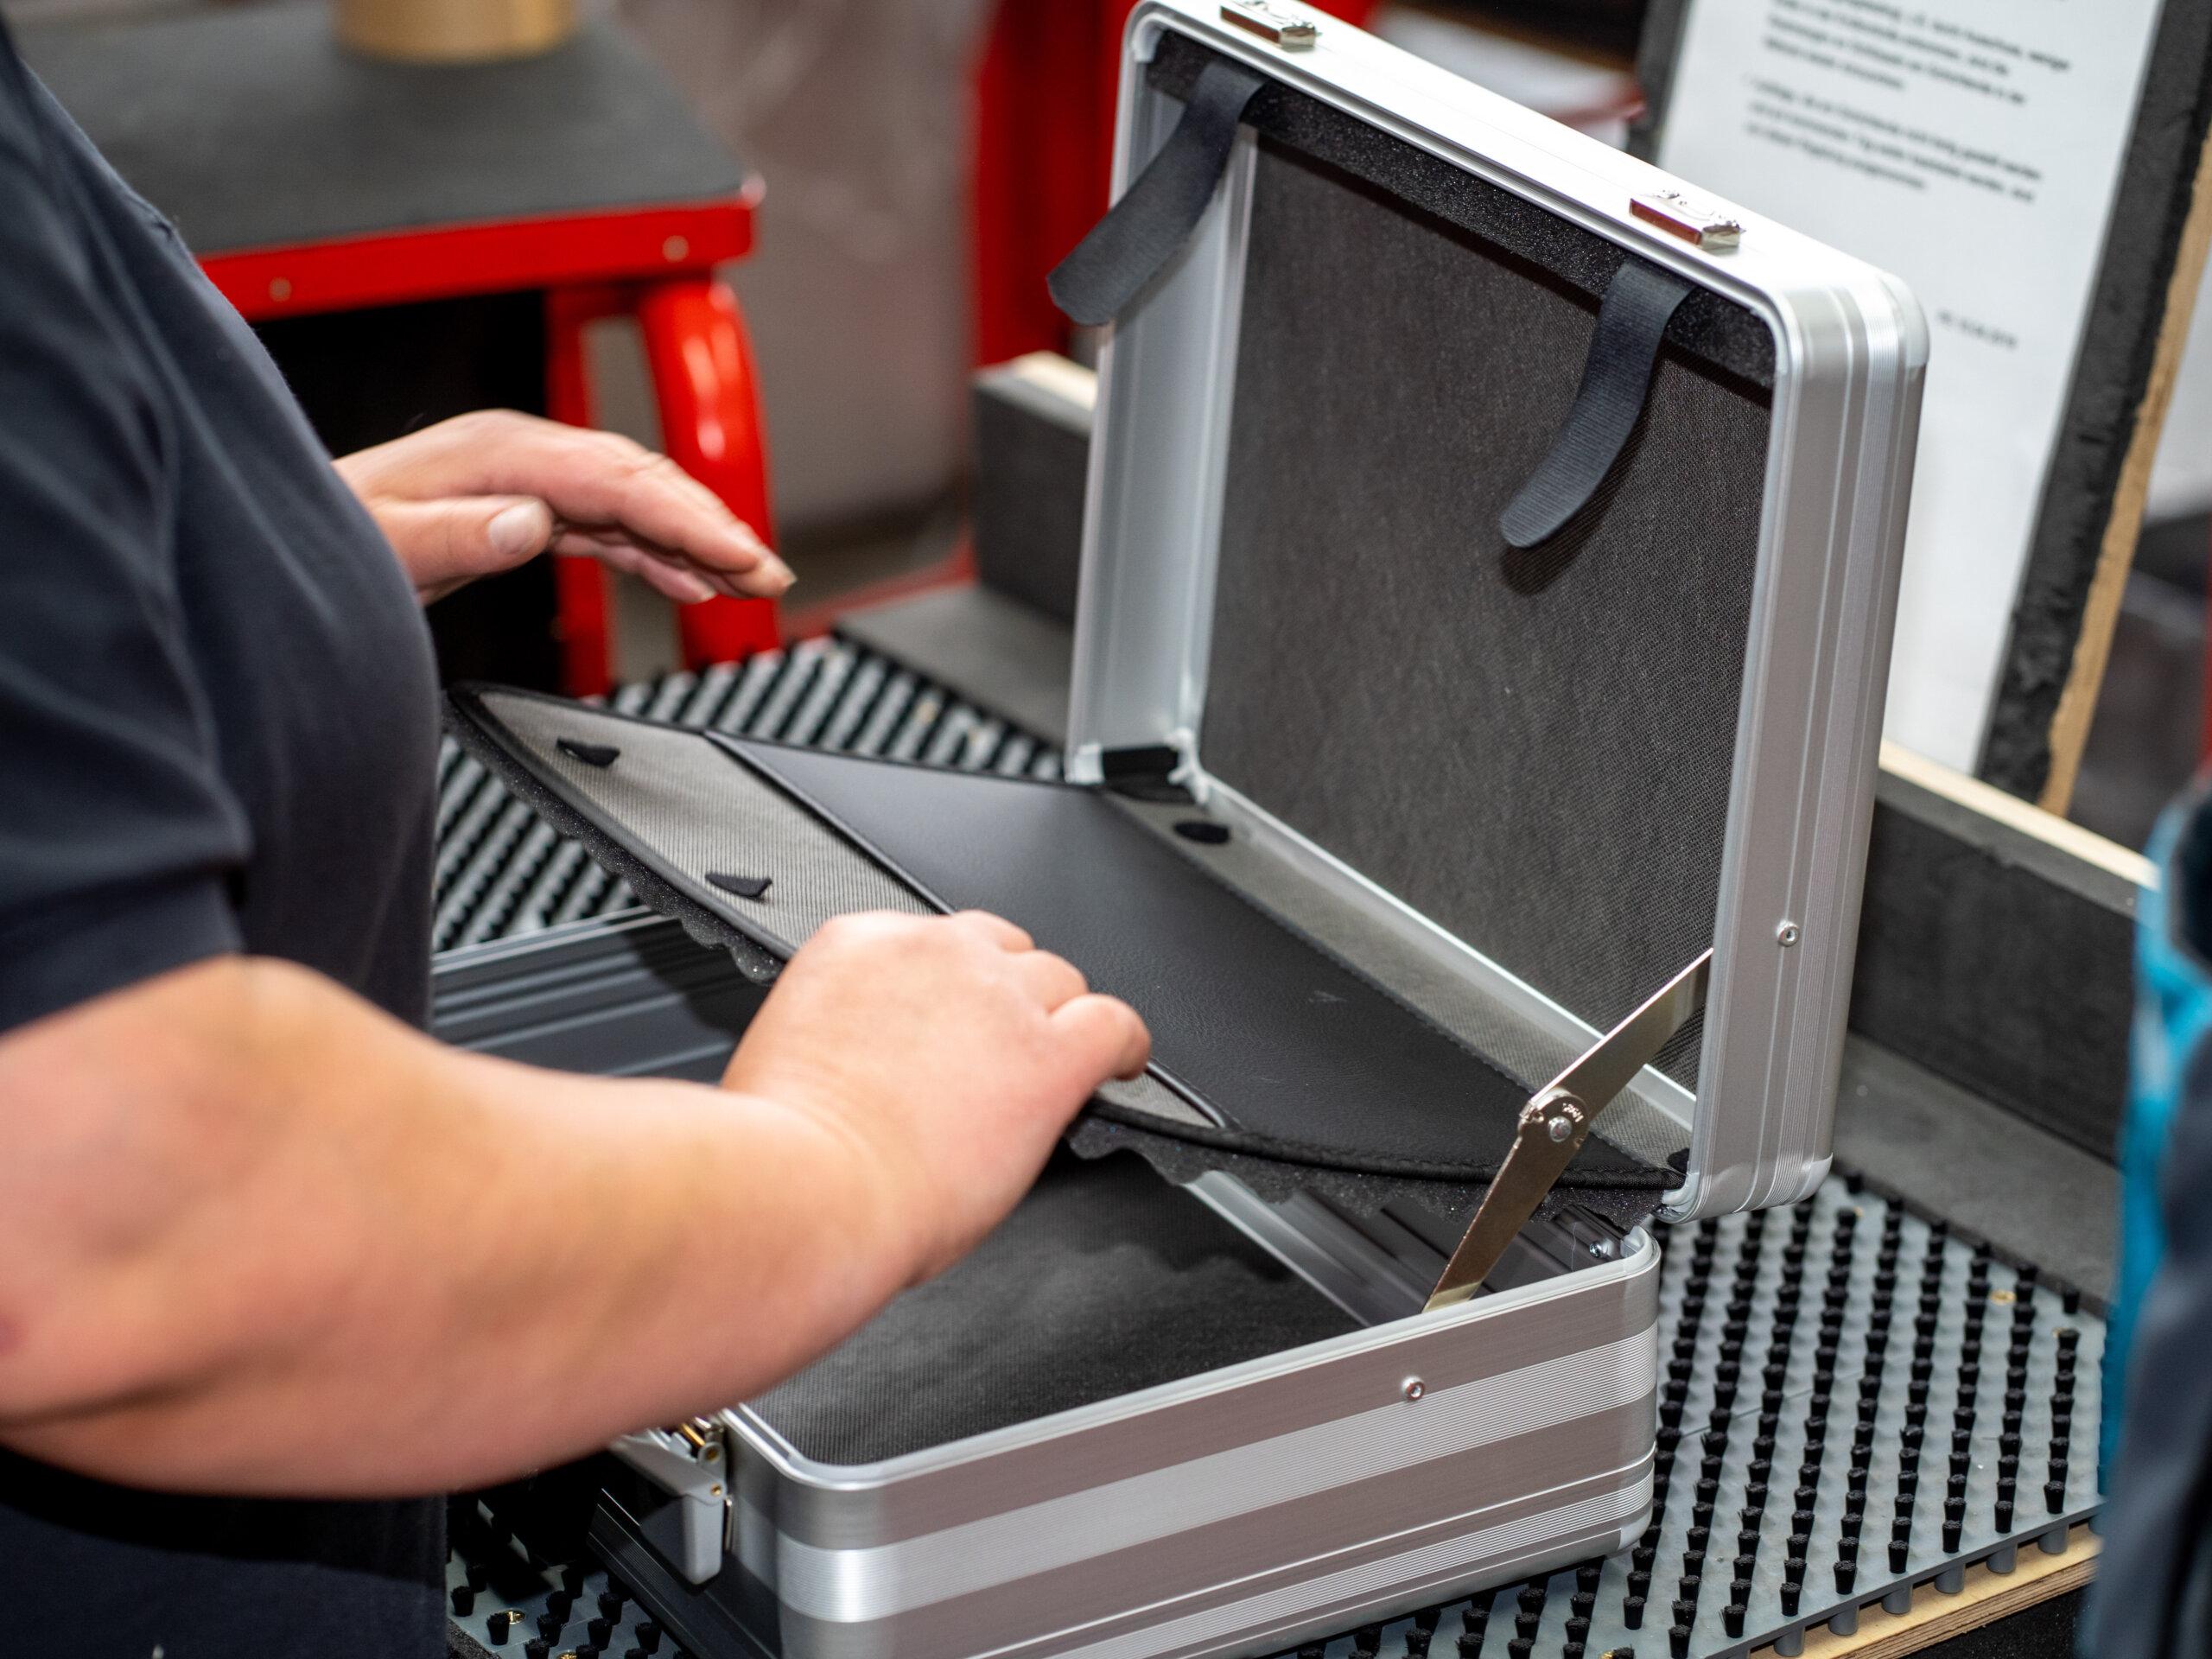 Qualitätskontrolle einer Deckeltasche in einem Spezialkoffer von bwh